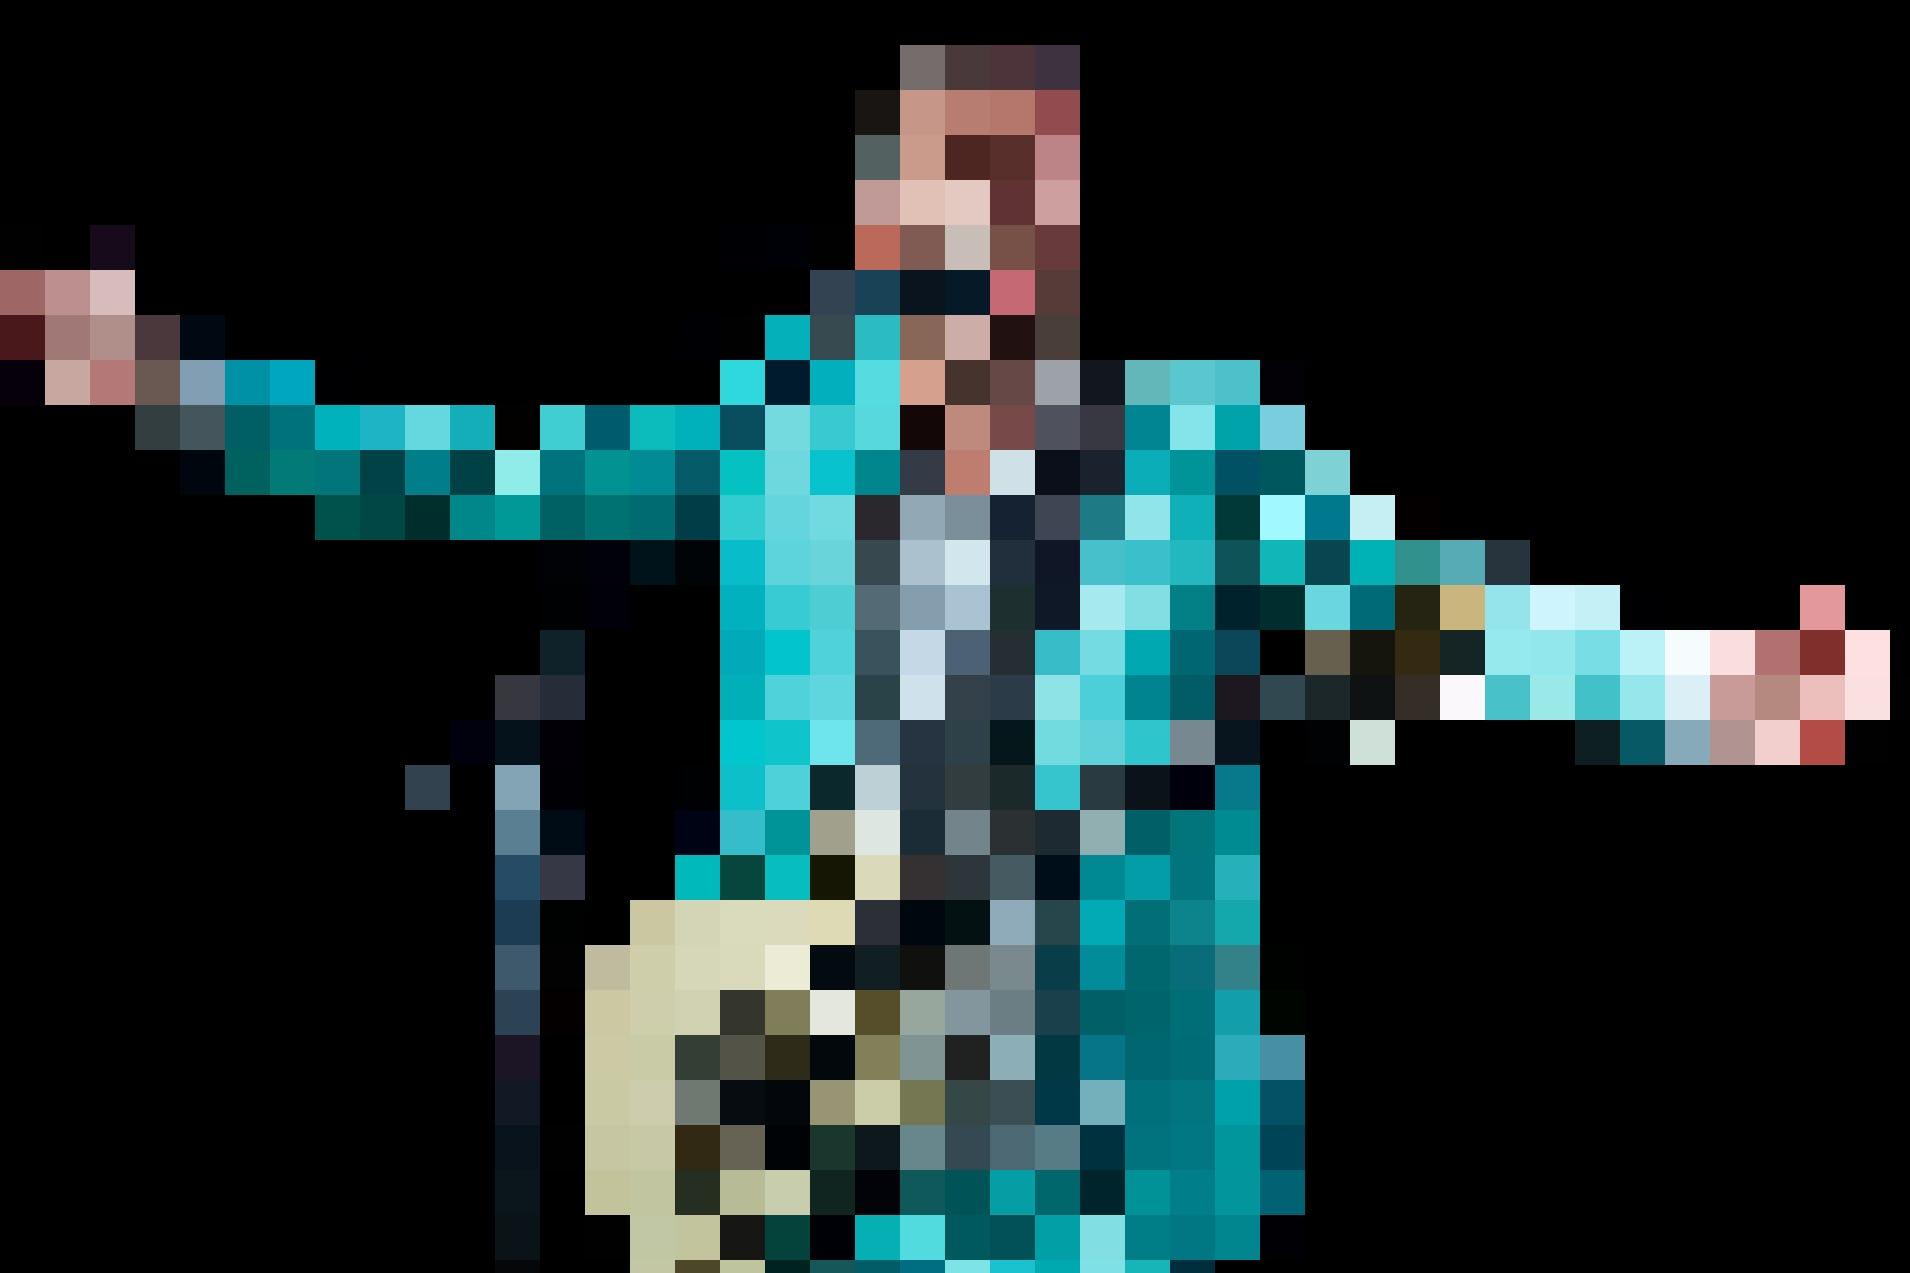 Ein unglaublich guter Bluesmusiker, der die Schweizer Musikszene seit Jahren prägt: Philipp Frankhauser.